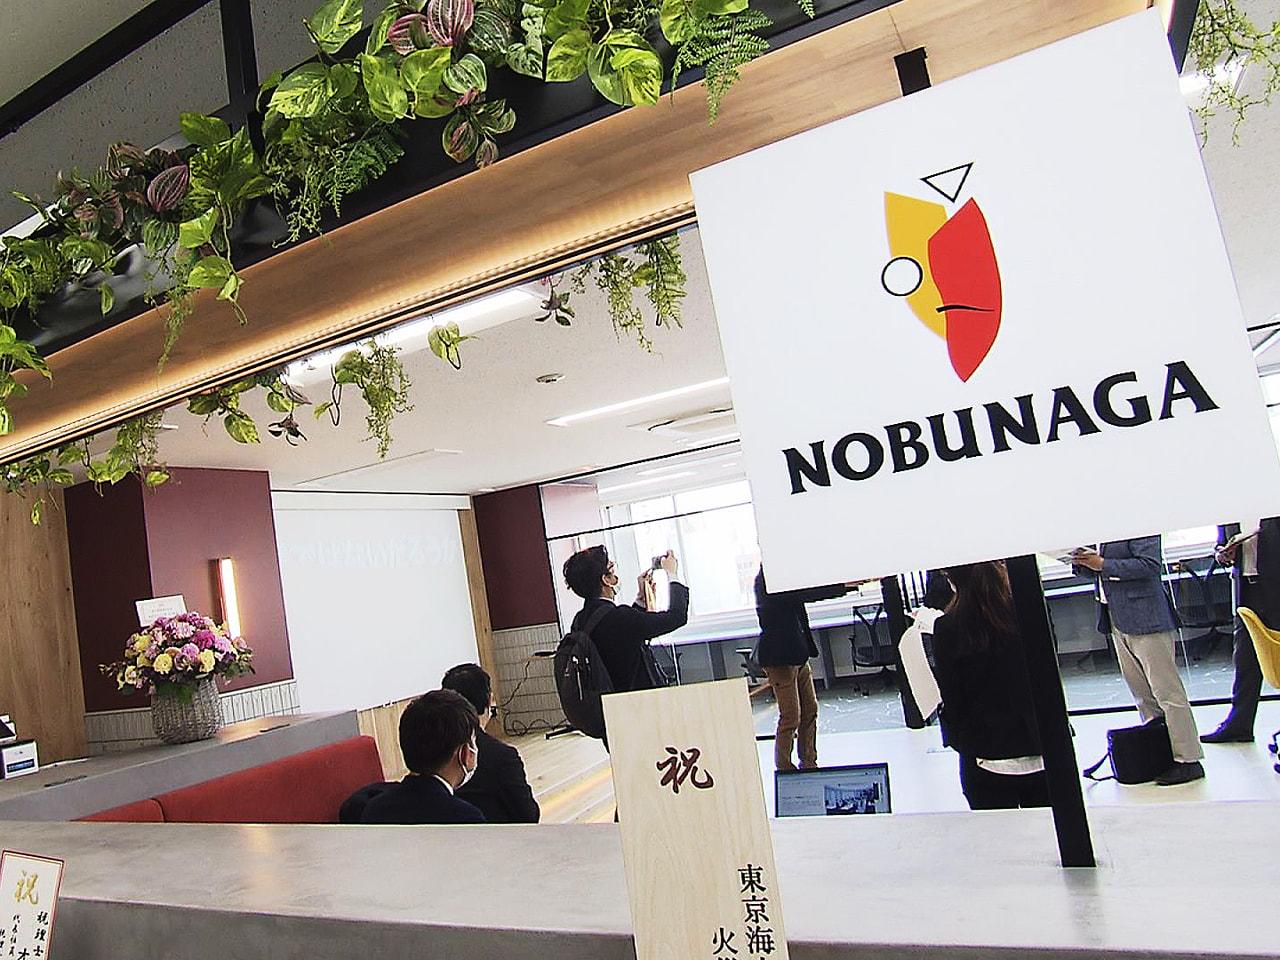 十六銀行が新たに設立した投資専門の子会社が岐阜市で開所式を開き、事業をスタートさ...